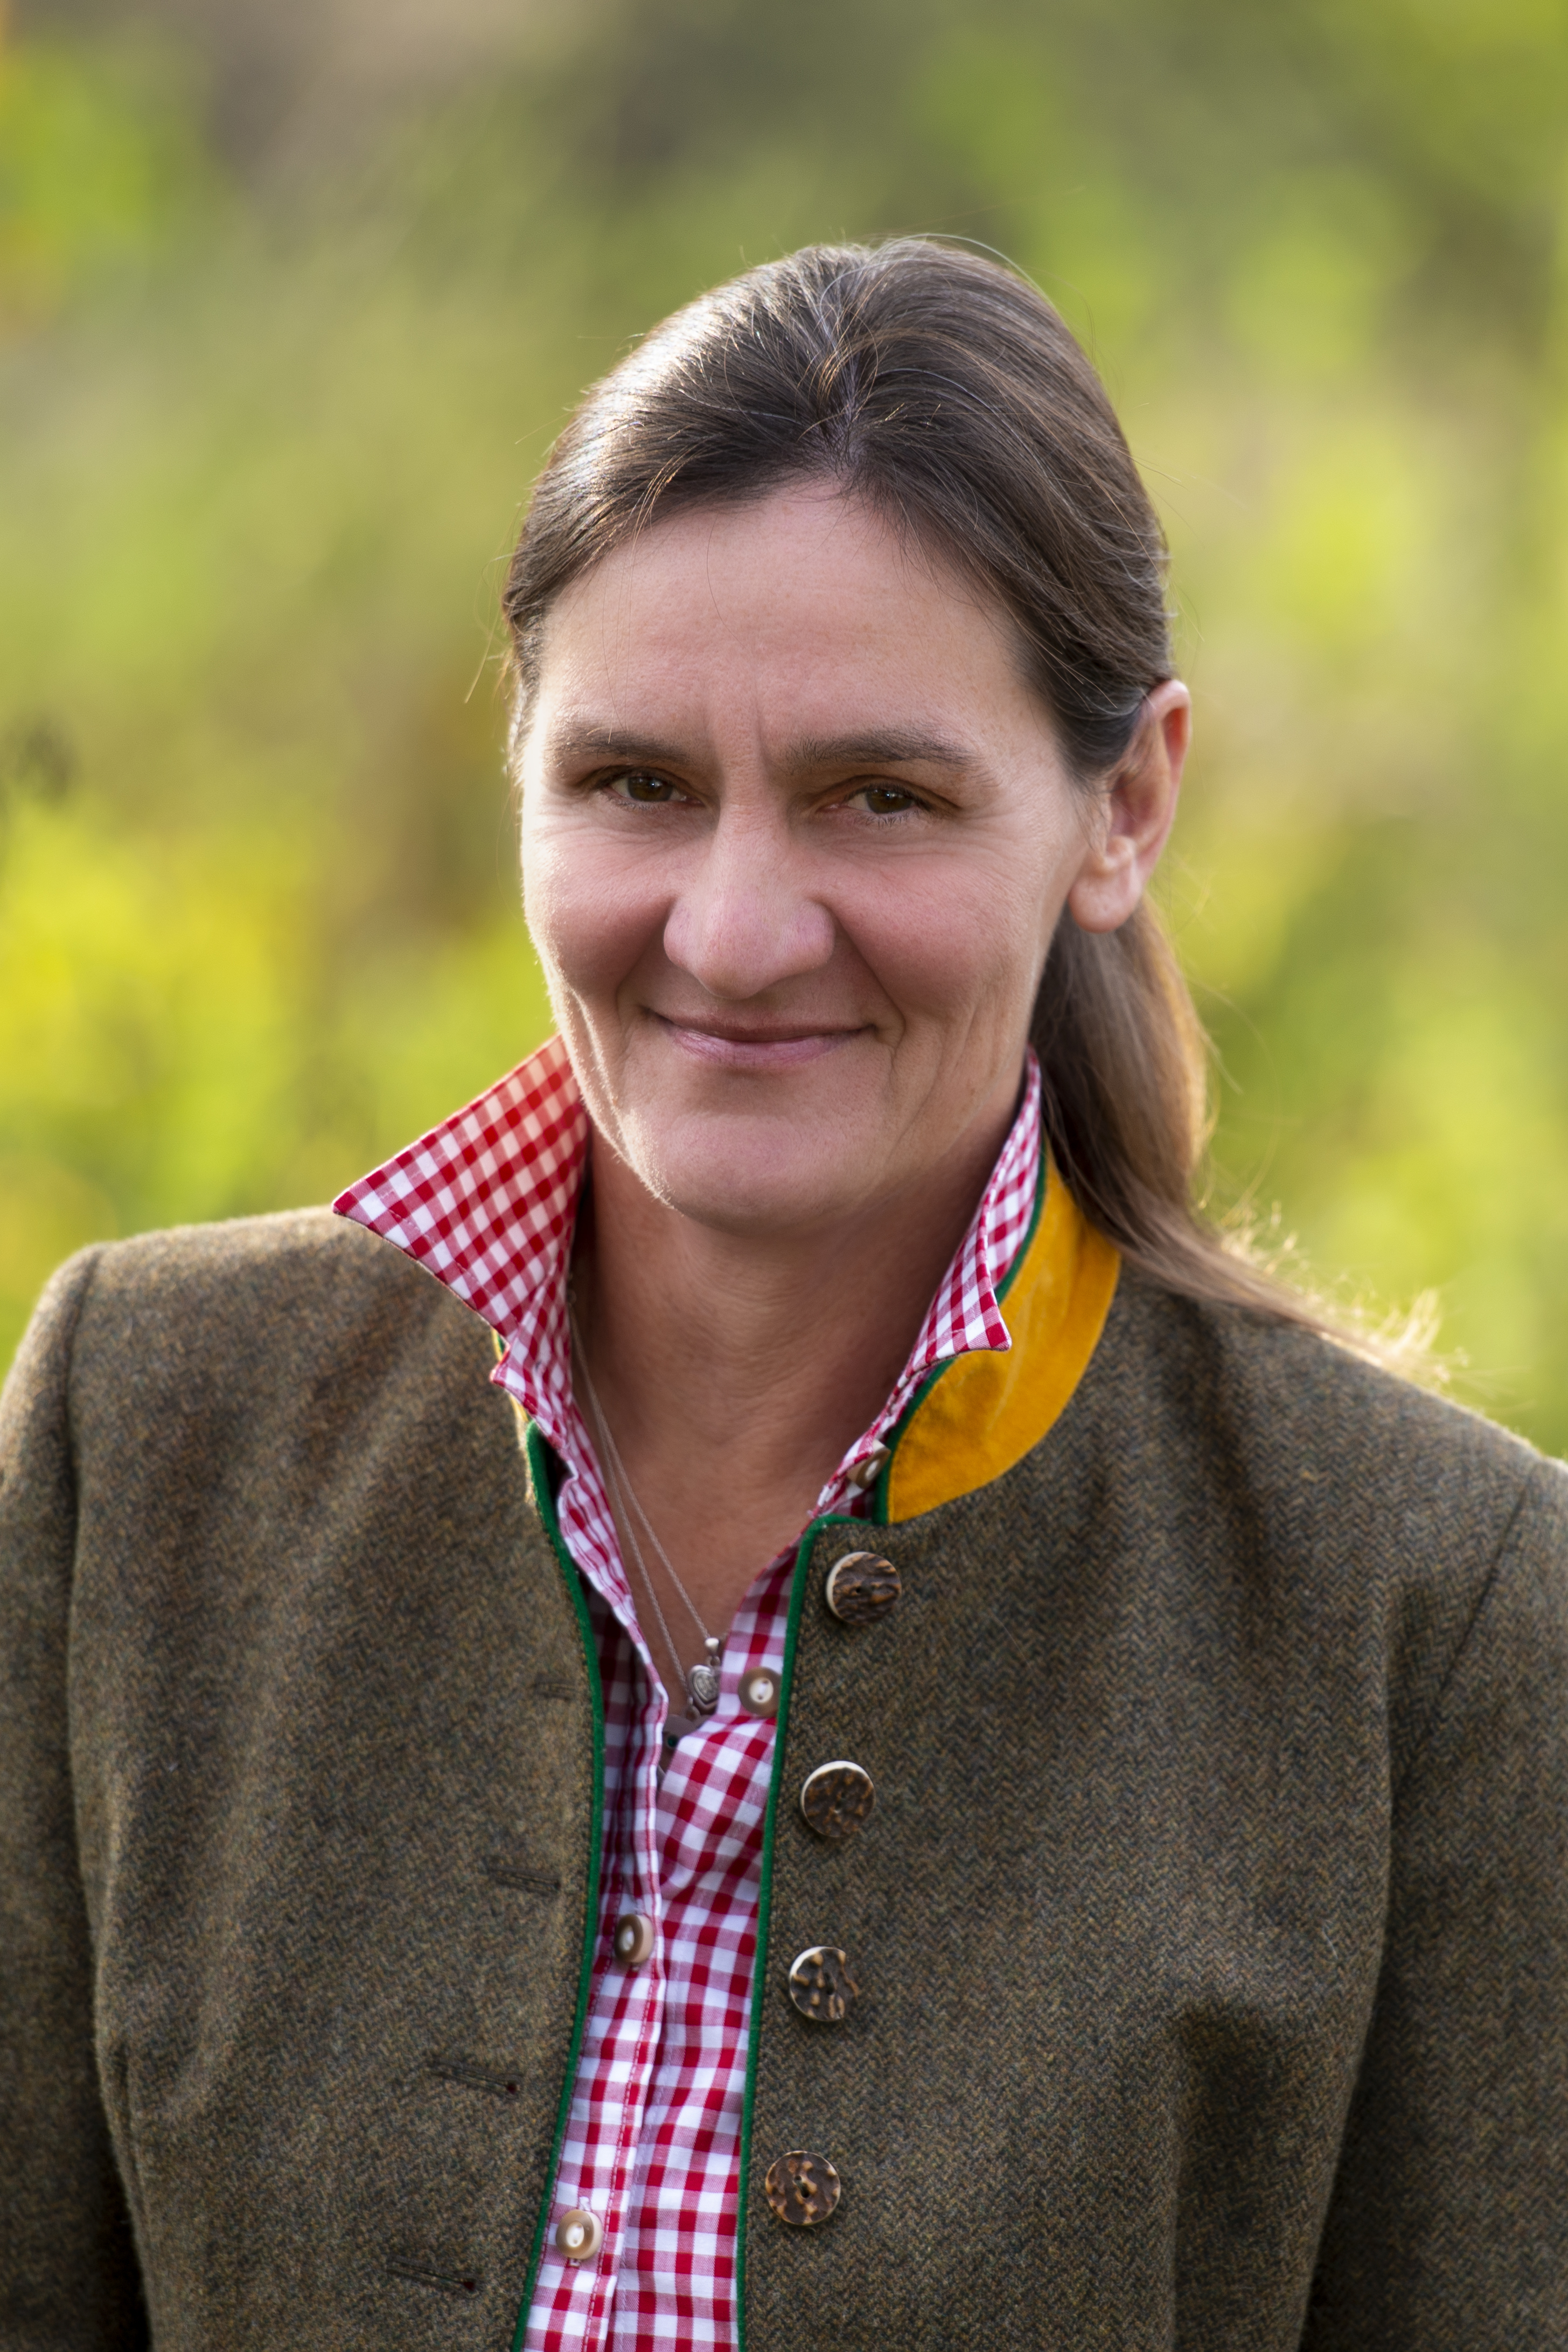 Anja Sibilski